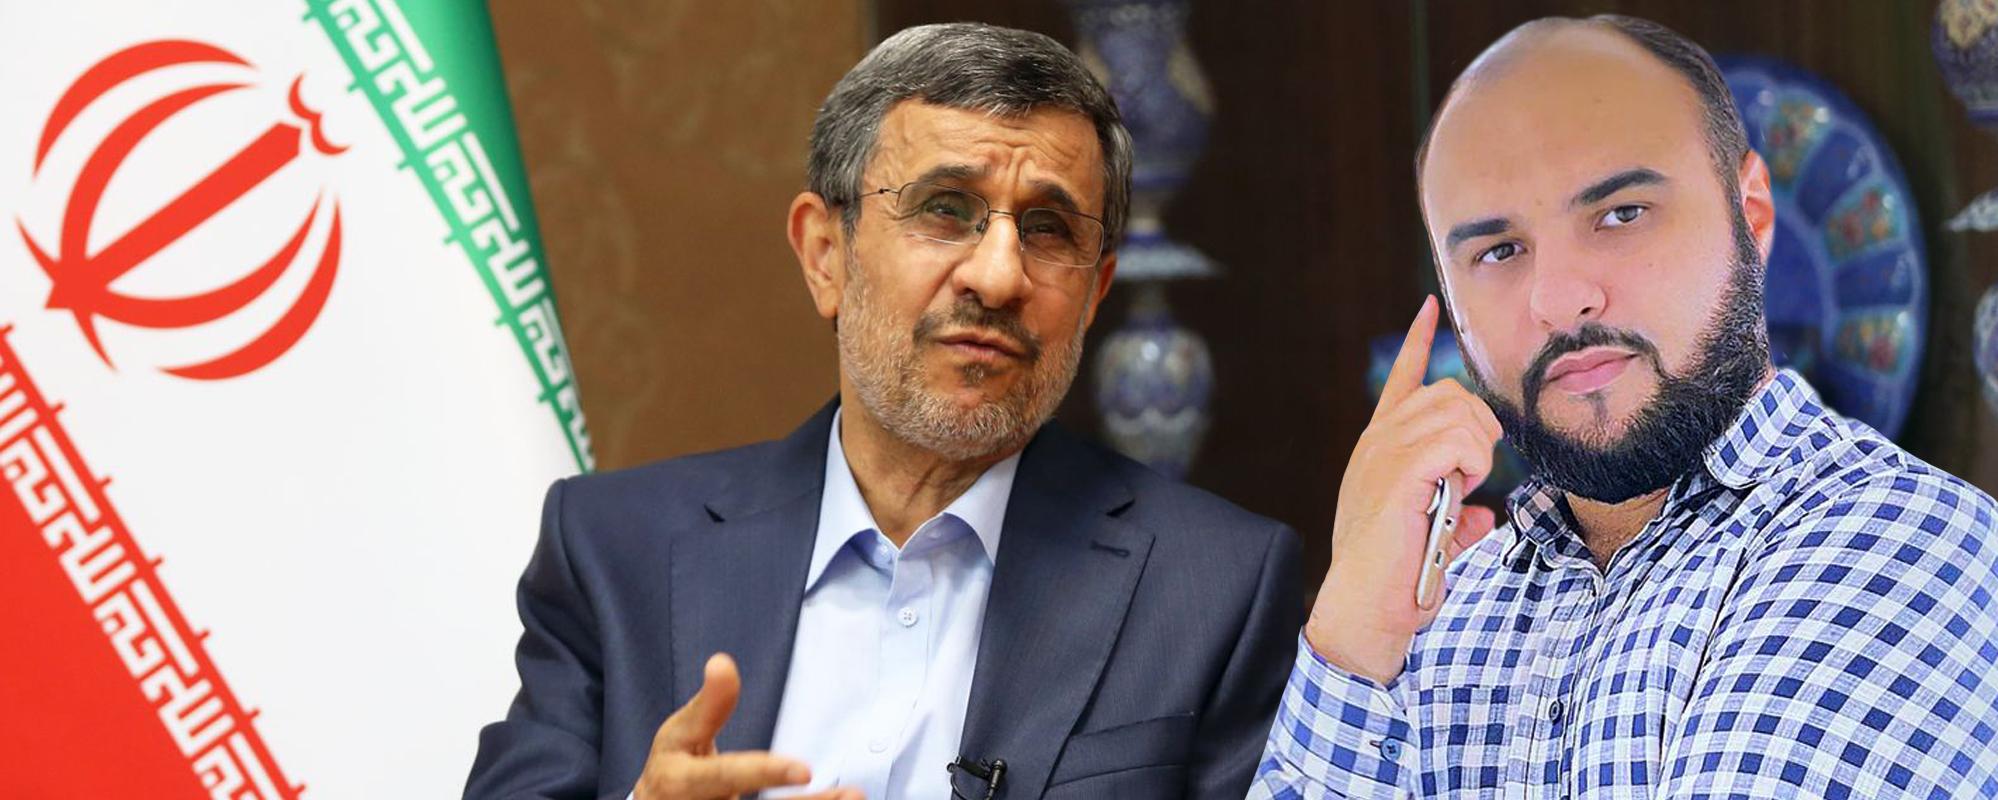 «Миропорядок надо менять»Бывший президент Ирана Махмуд Ахмадинежад — о крахе США, роли России в мире и письмах Путину